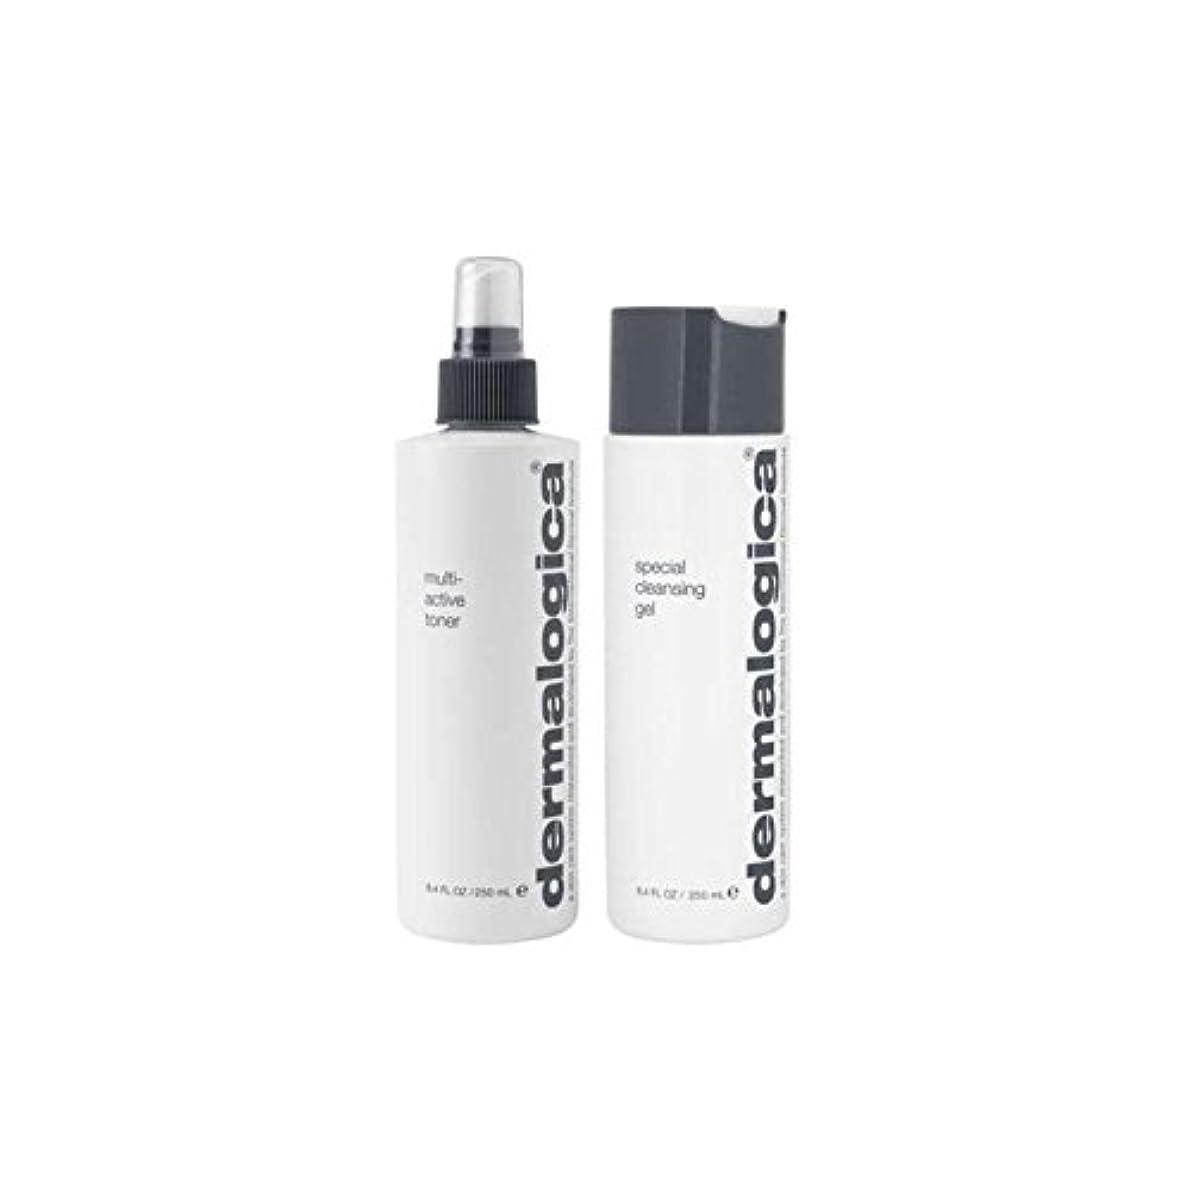 叫び声既にすごいダーマロジカクレンジング&トーンデュオ - ノーマル/ドライスキン(2製品) x4 - Dermalogica Cleanse & Tone Duo - Normal/Dry Skin (2 Products) (Pack...